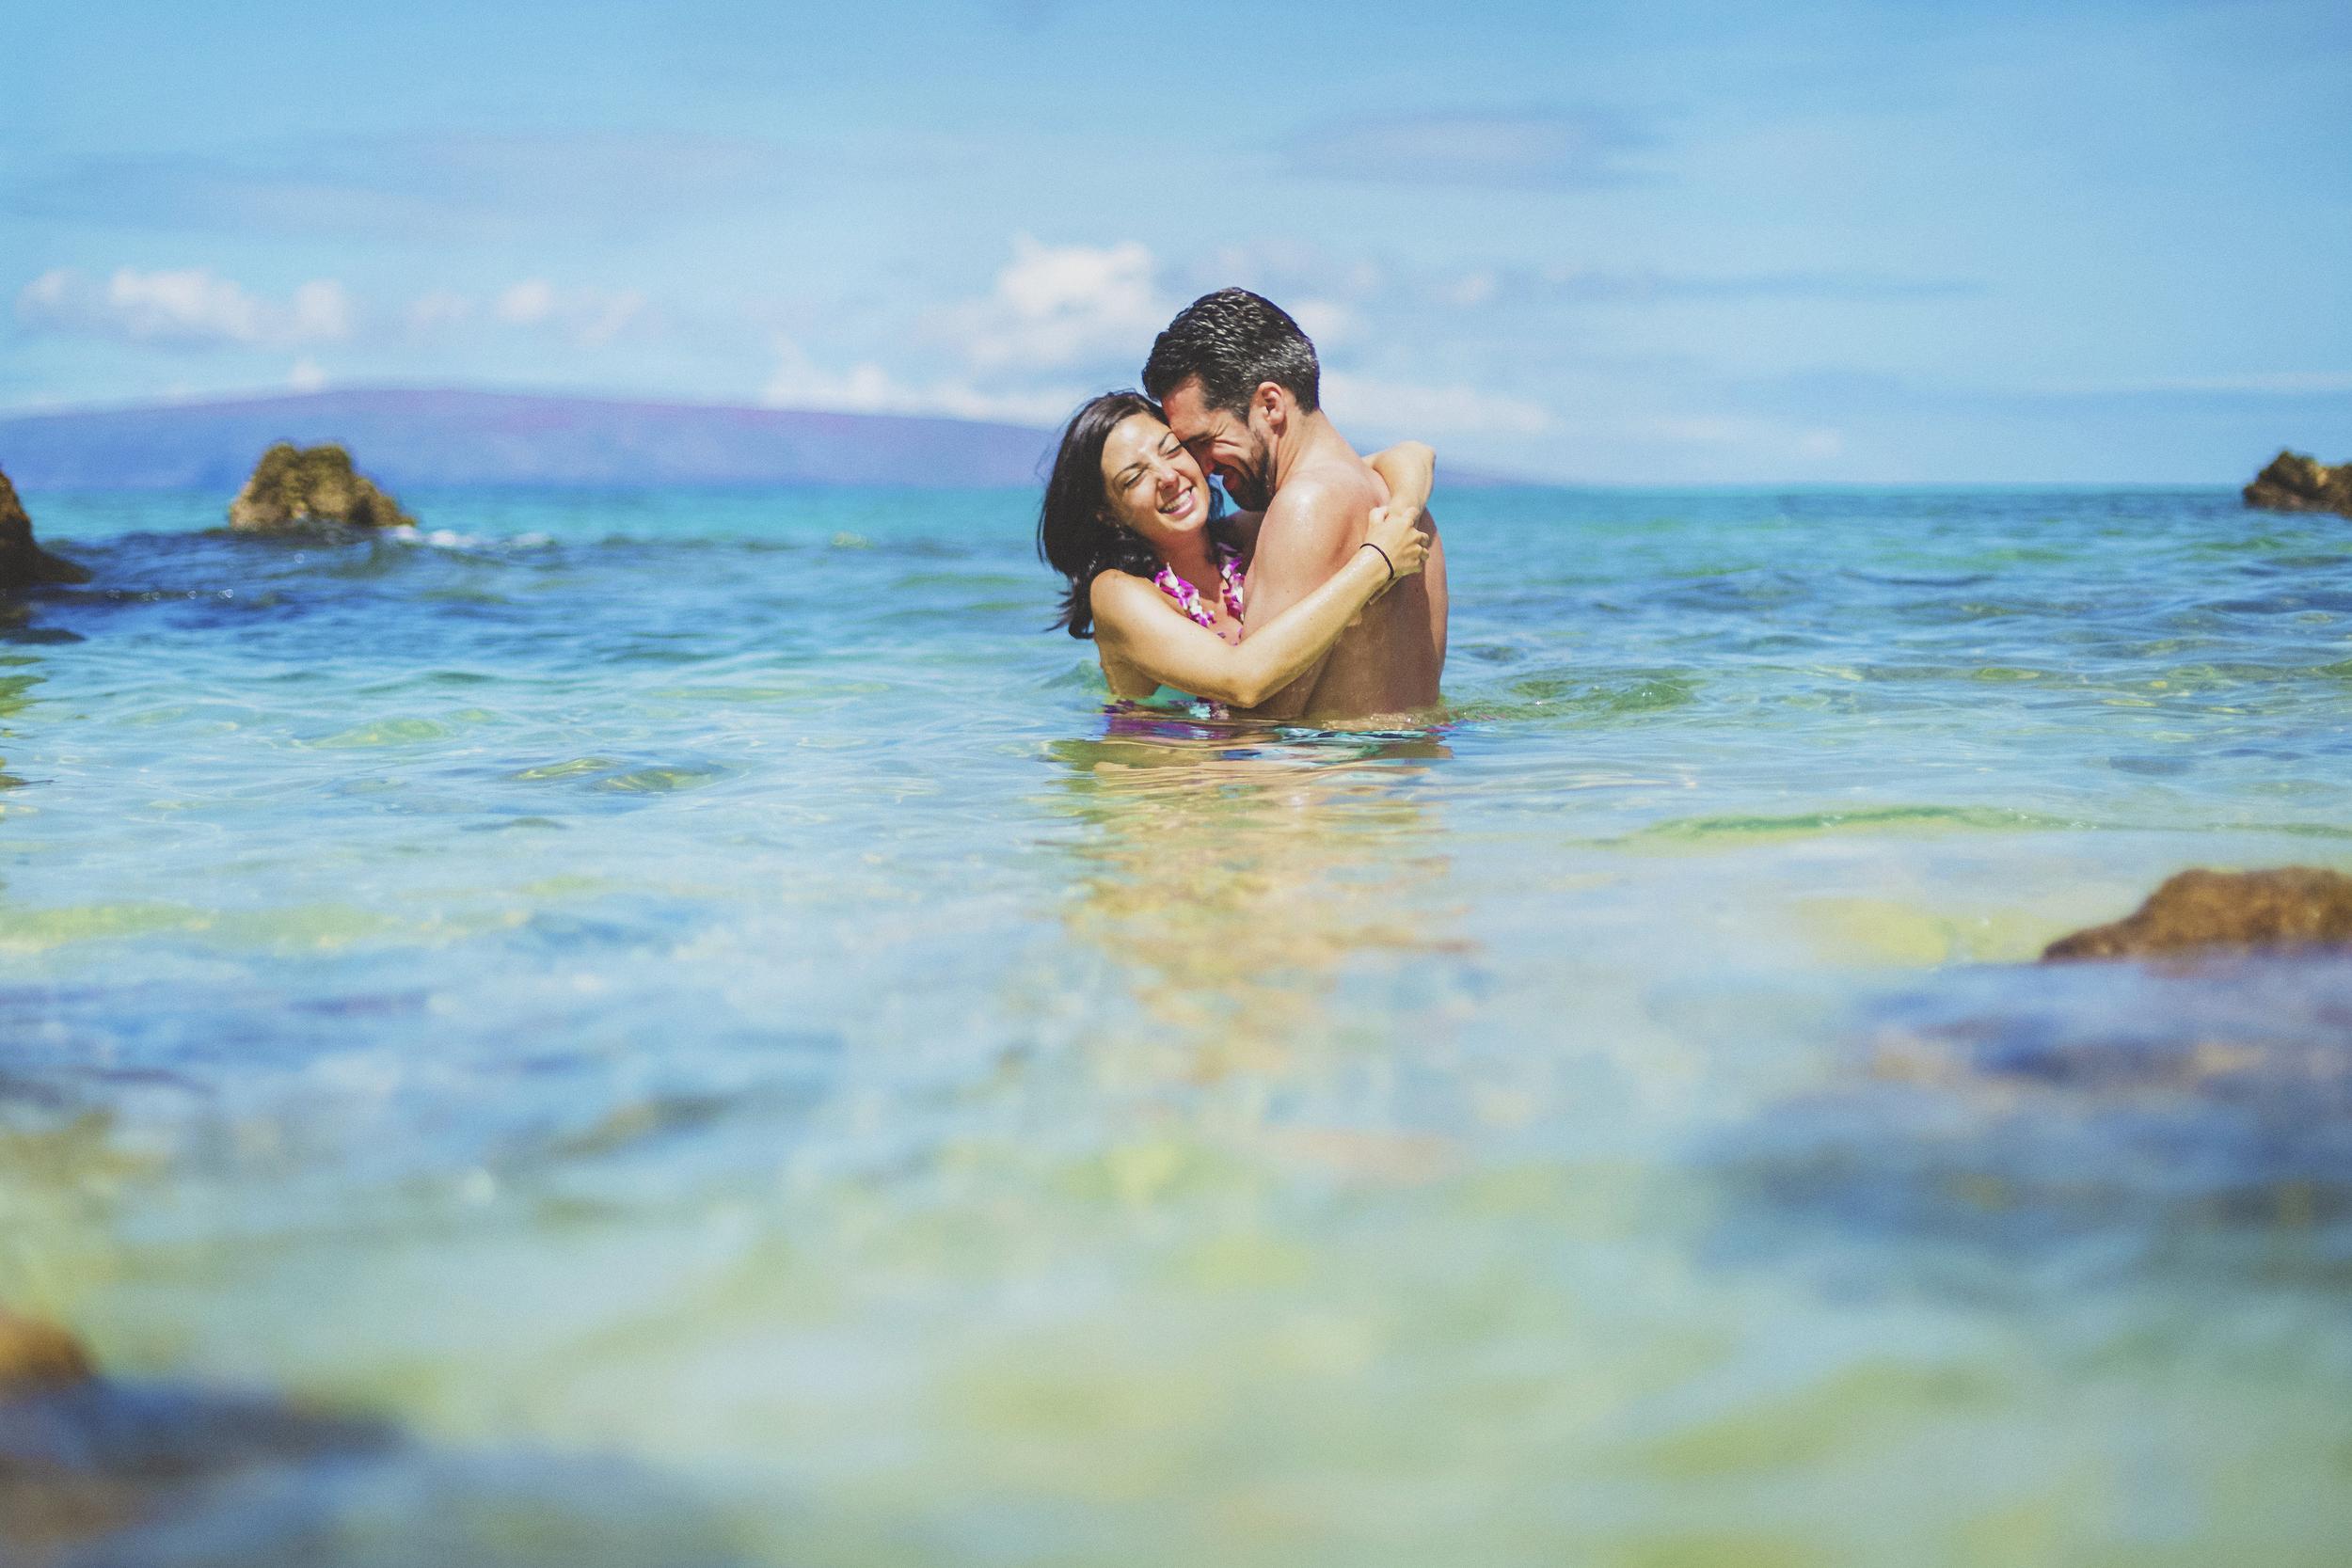 angie-diaz-photography-maui-beach-honeymoon-photographer-16.jpg